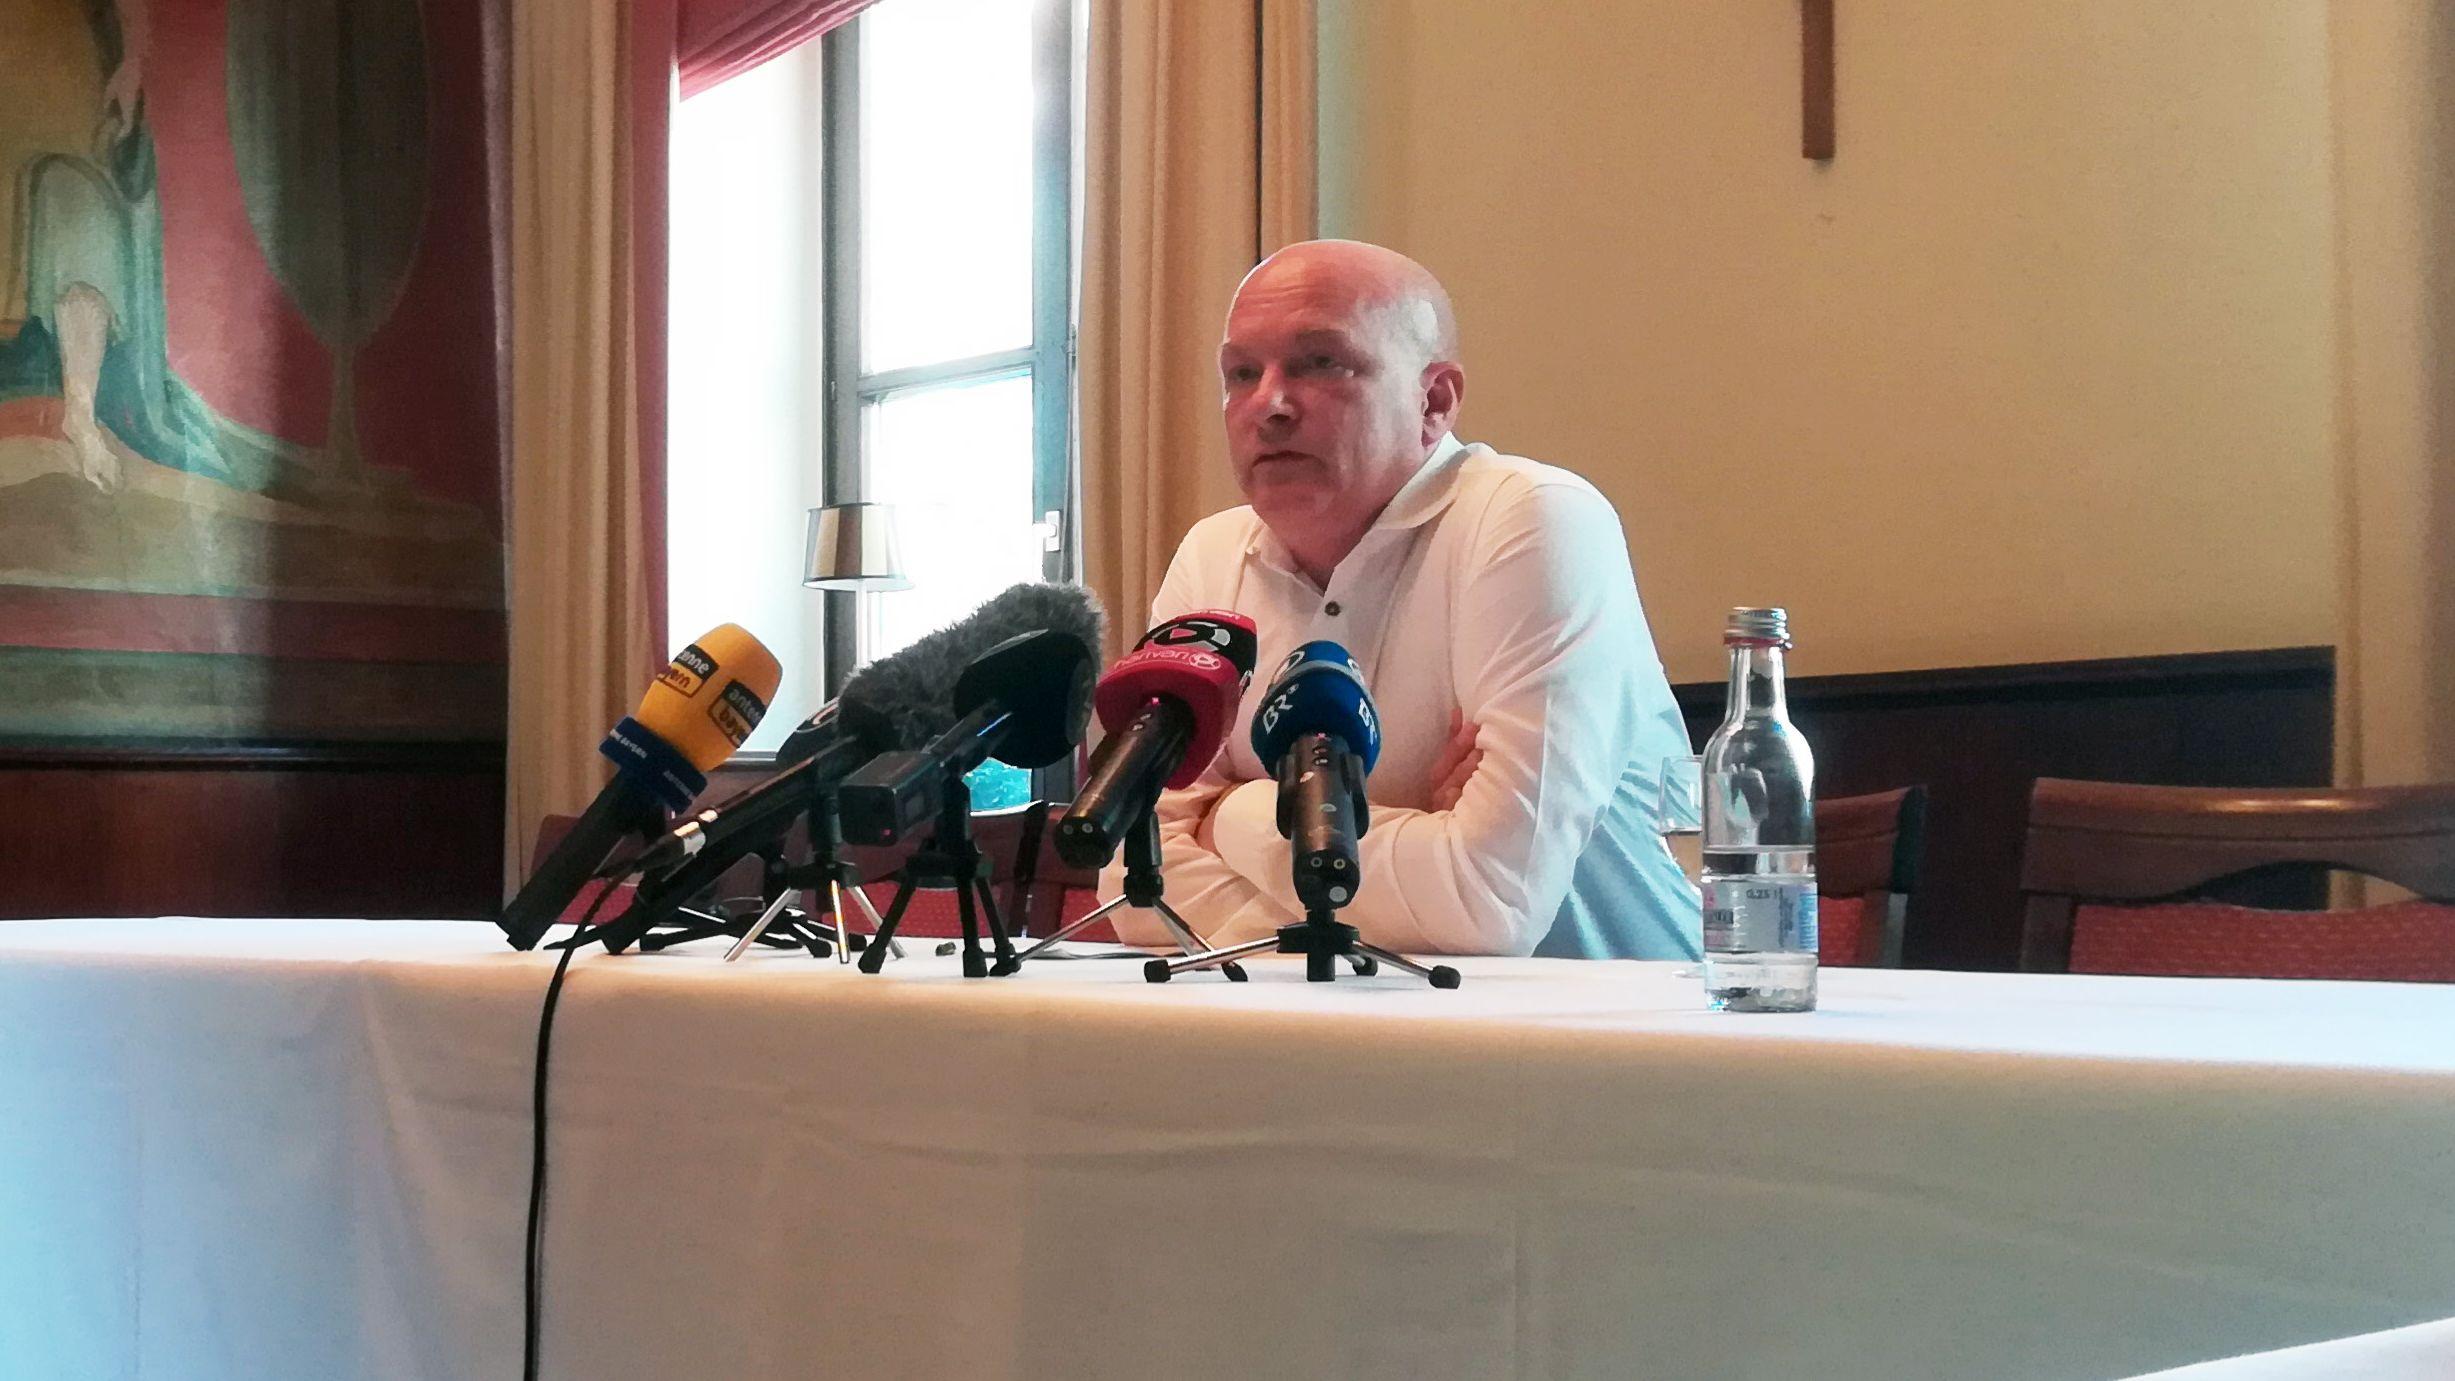 Joachim Wolbergs zeigte sich in einer Pressekonferenz enttäuscht über den Gerichtsentscheid zu seiner Suspendierung.